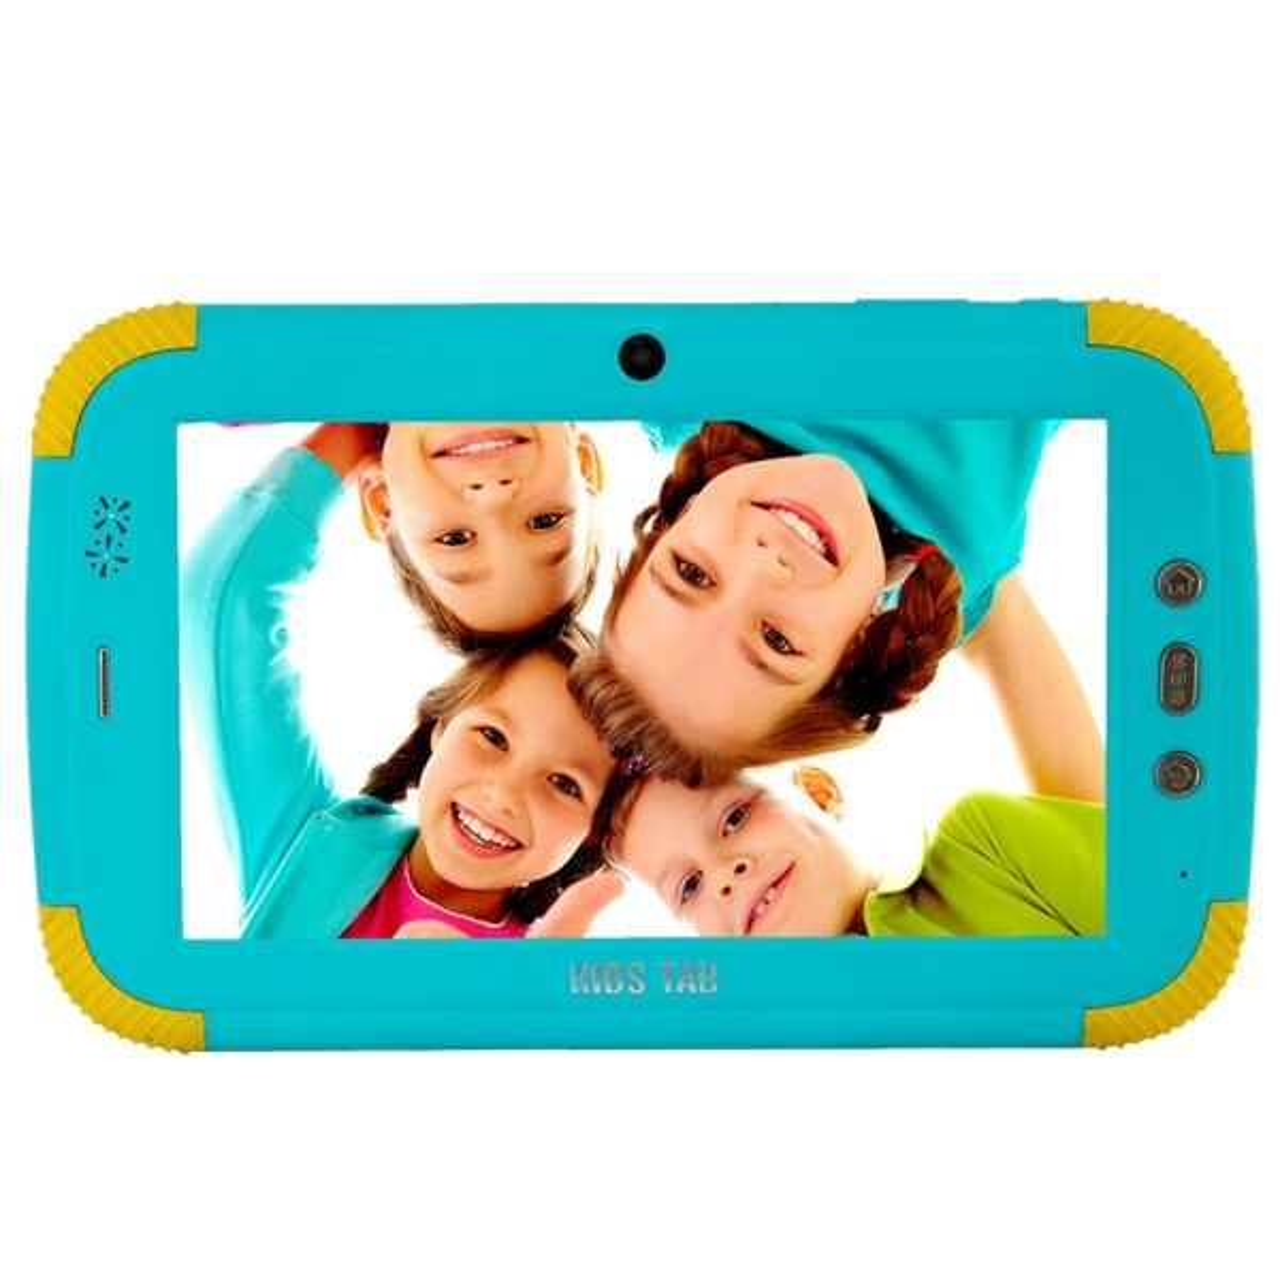 تبلت آیلایف مدل Kids Tab 7 ظرفیت 8 گیگابایت